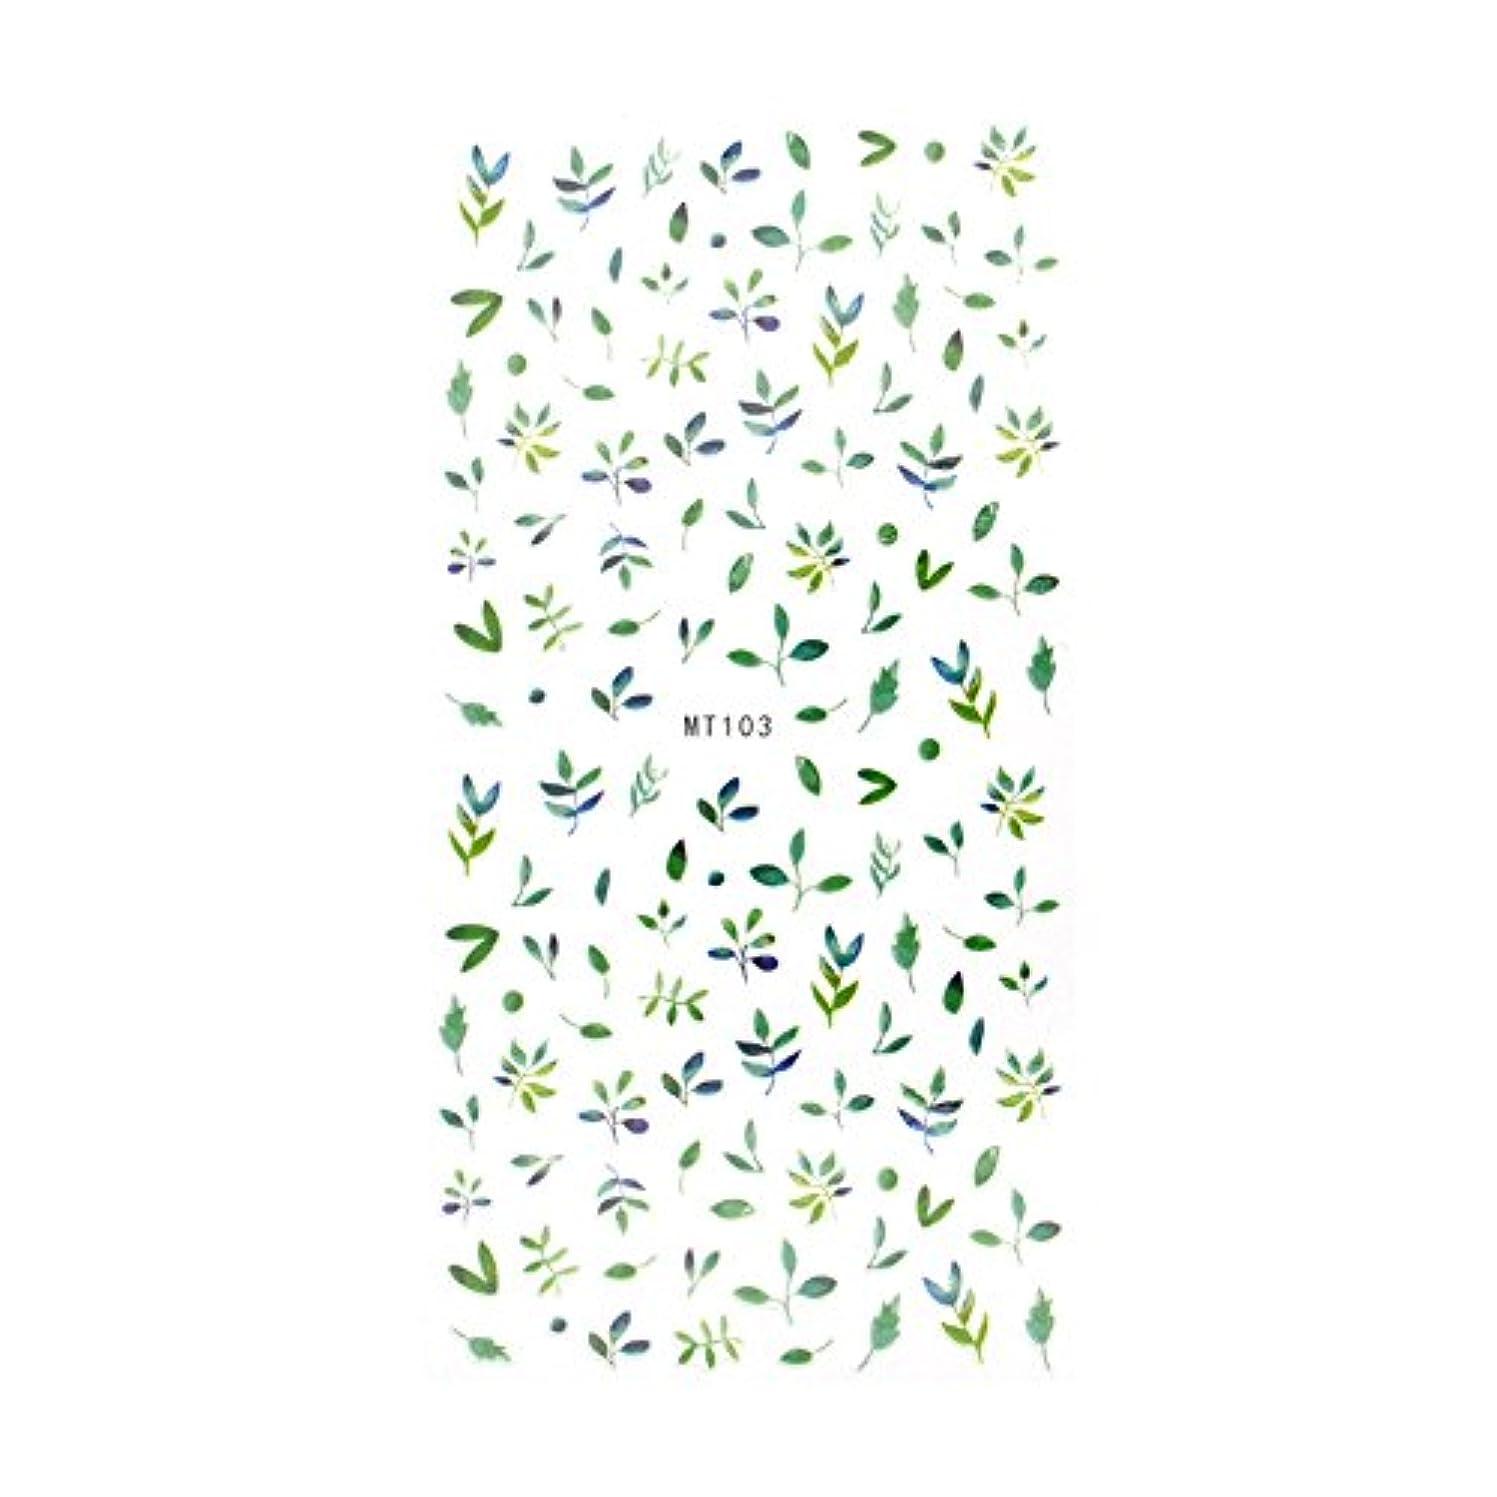 リビングルーム貝殻一見【MT103】グリーンリーフネイルシール リーフ 葉 ジェルネイル シール 緑 植物 ボタニカル